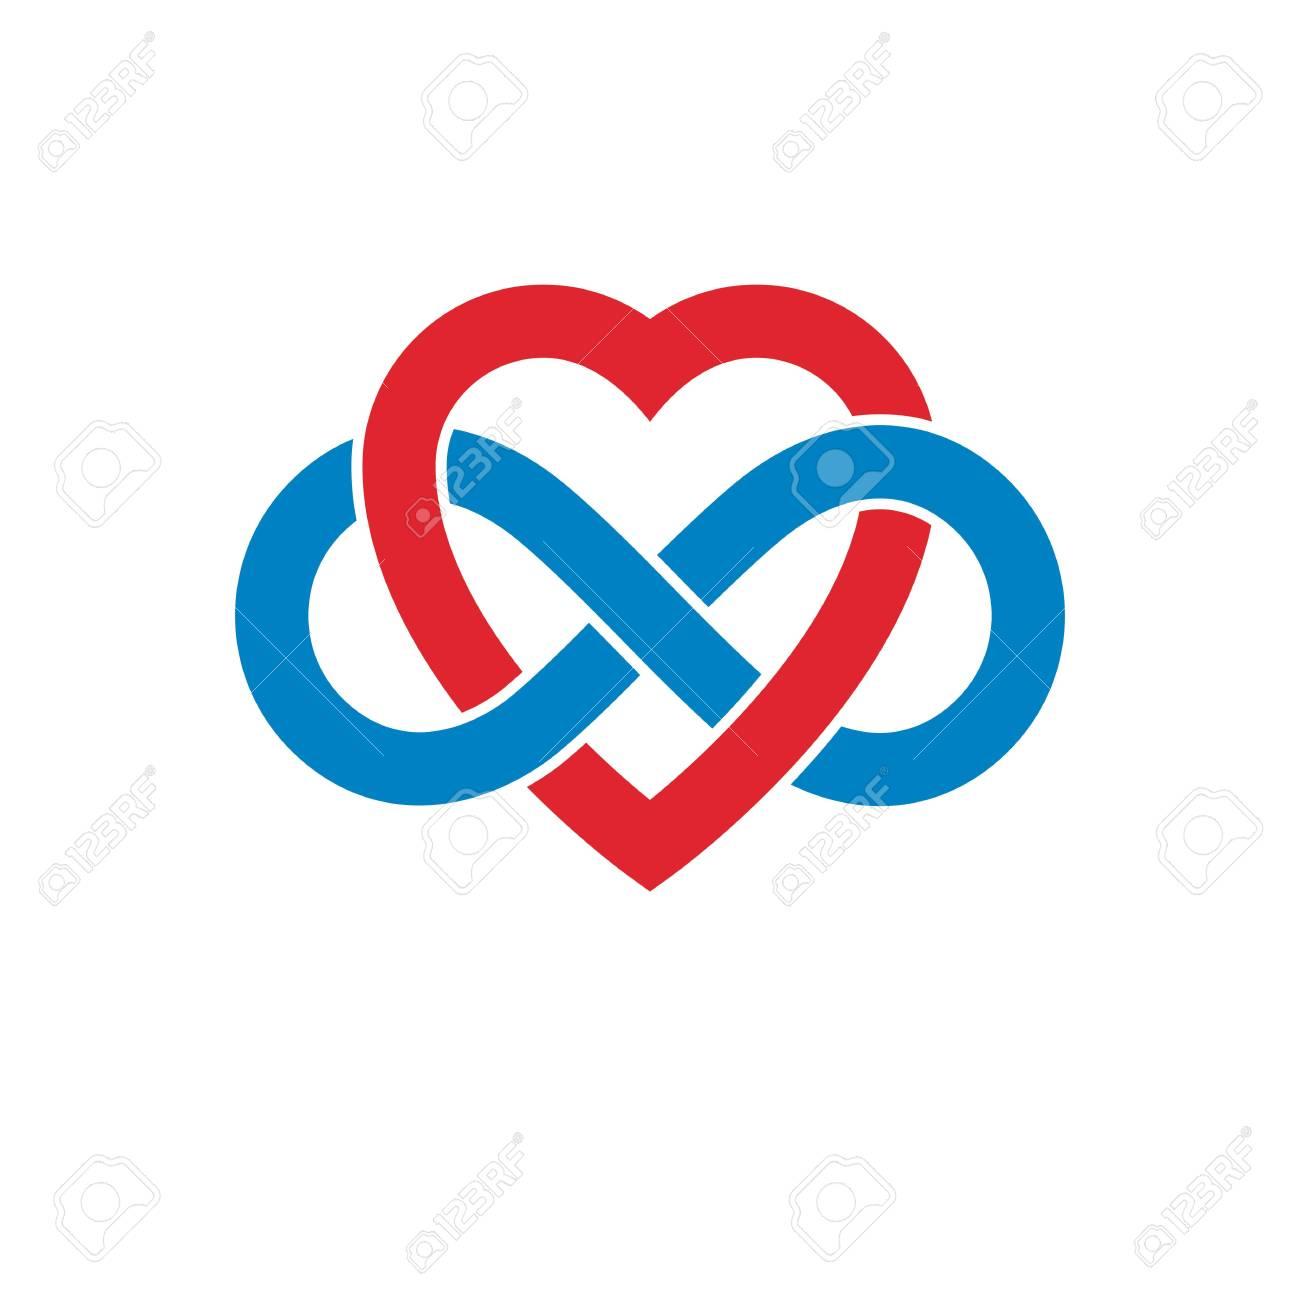 Concepto De Amor Infinito Símbolo Del Vector Creado Con El Signo